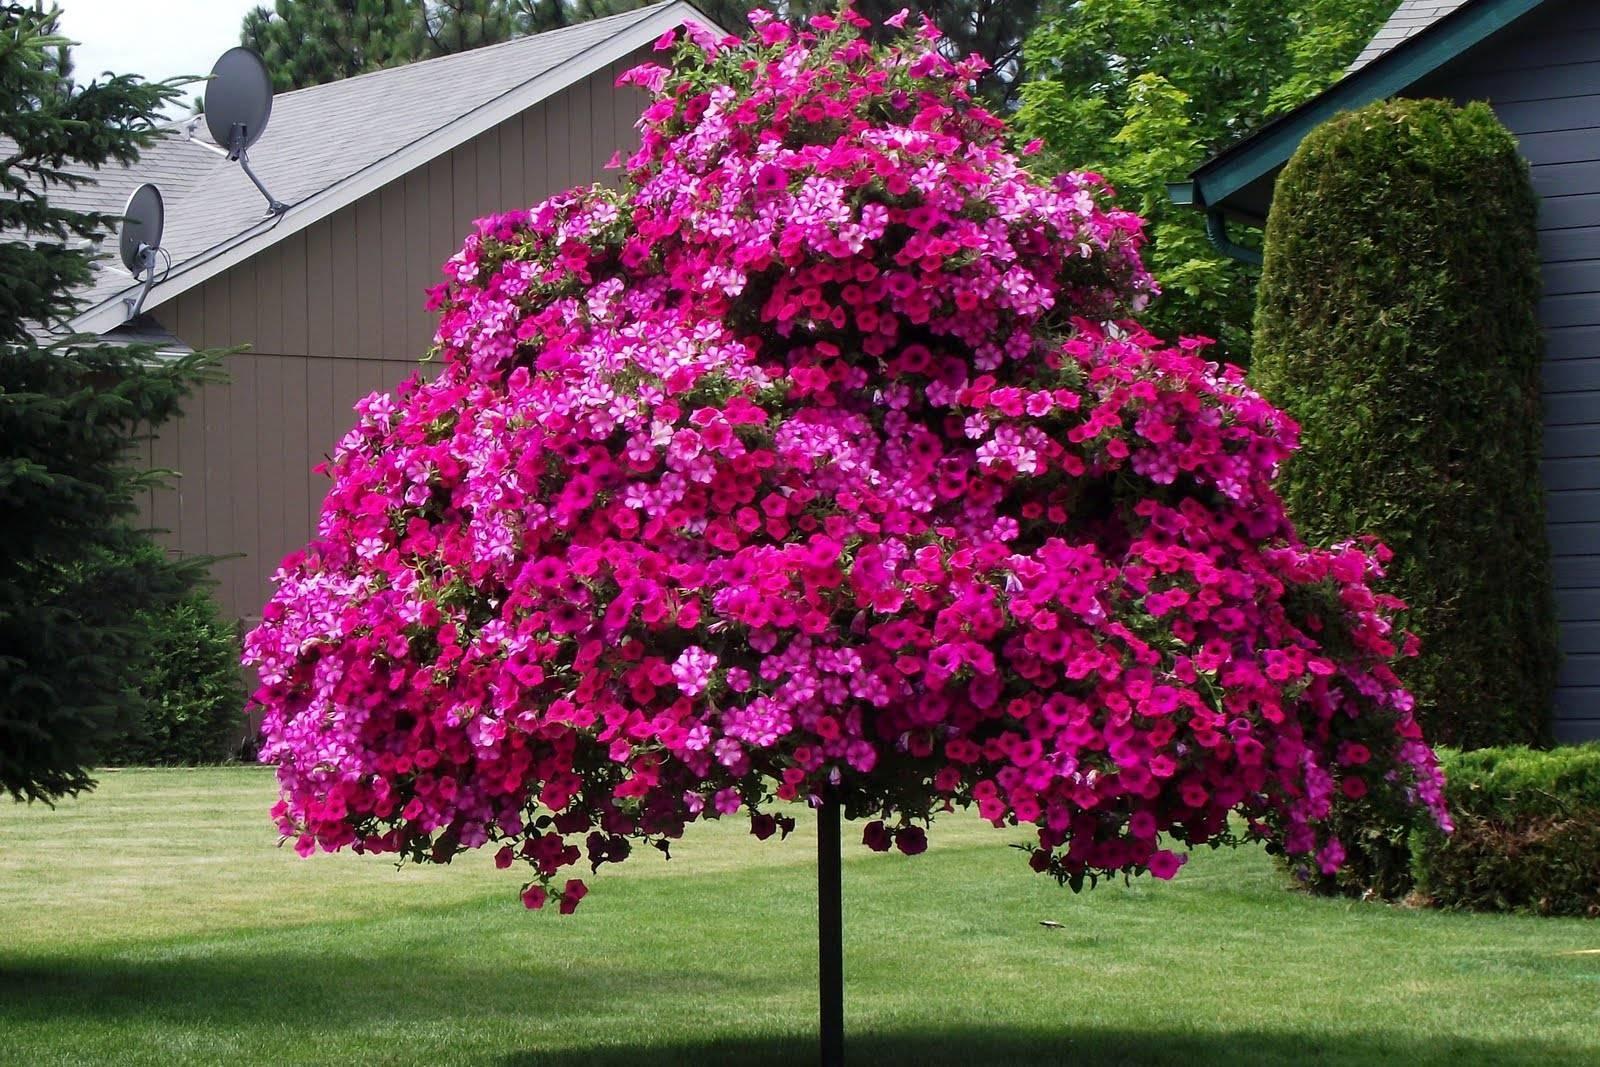 Чем подкормить петунию для обильного цветения — подкормки и удобрения для пышного роста